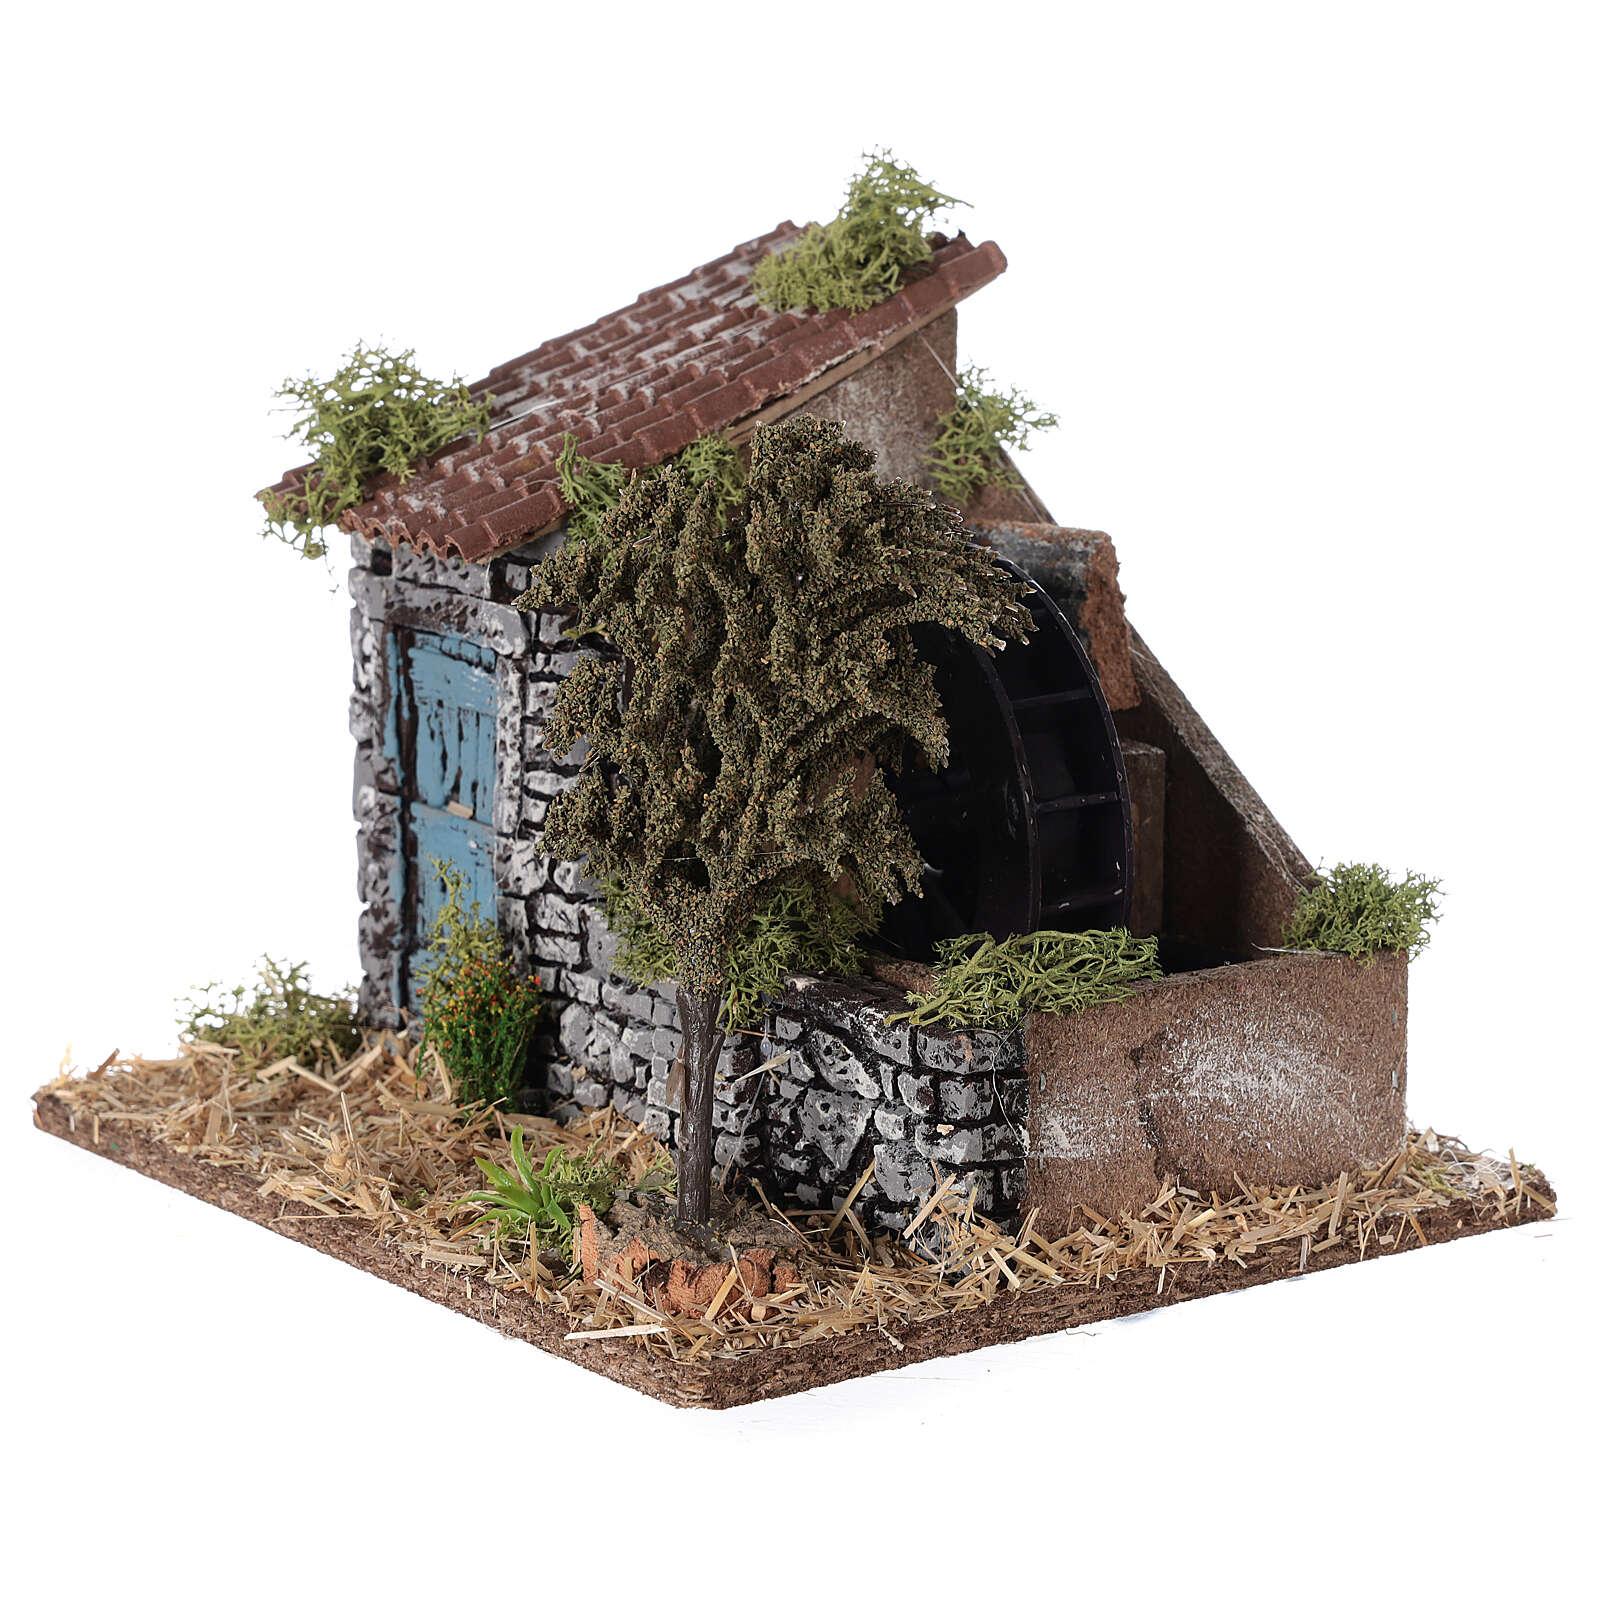 Moulin à eau style provençal 25x20x20 cm 4